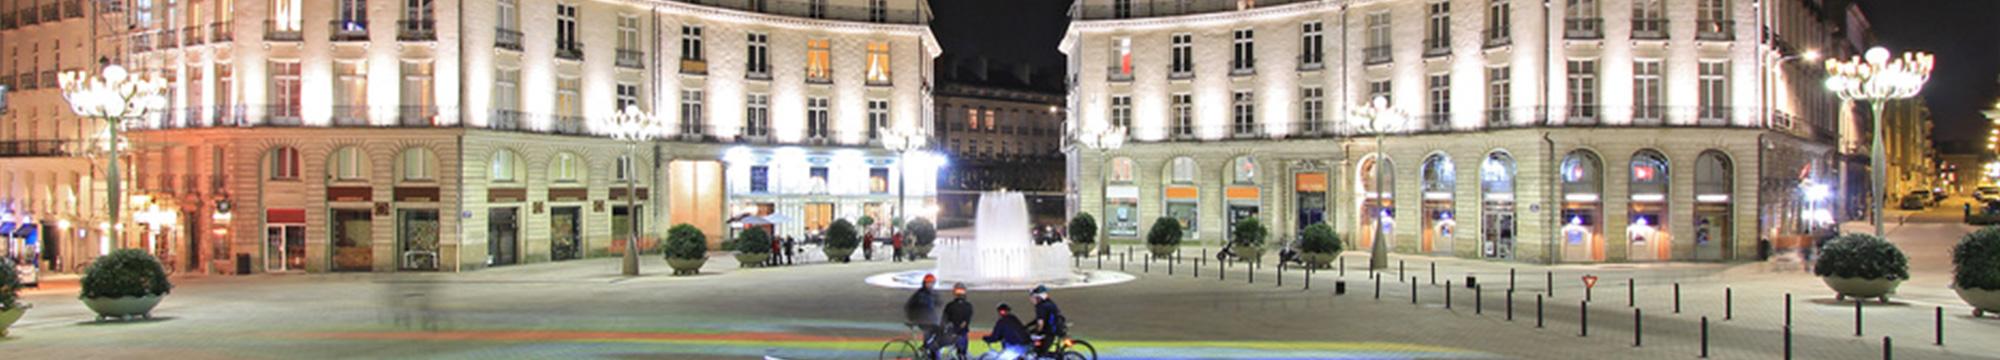 Alternance Pays de Loire – Nantes